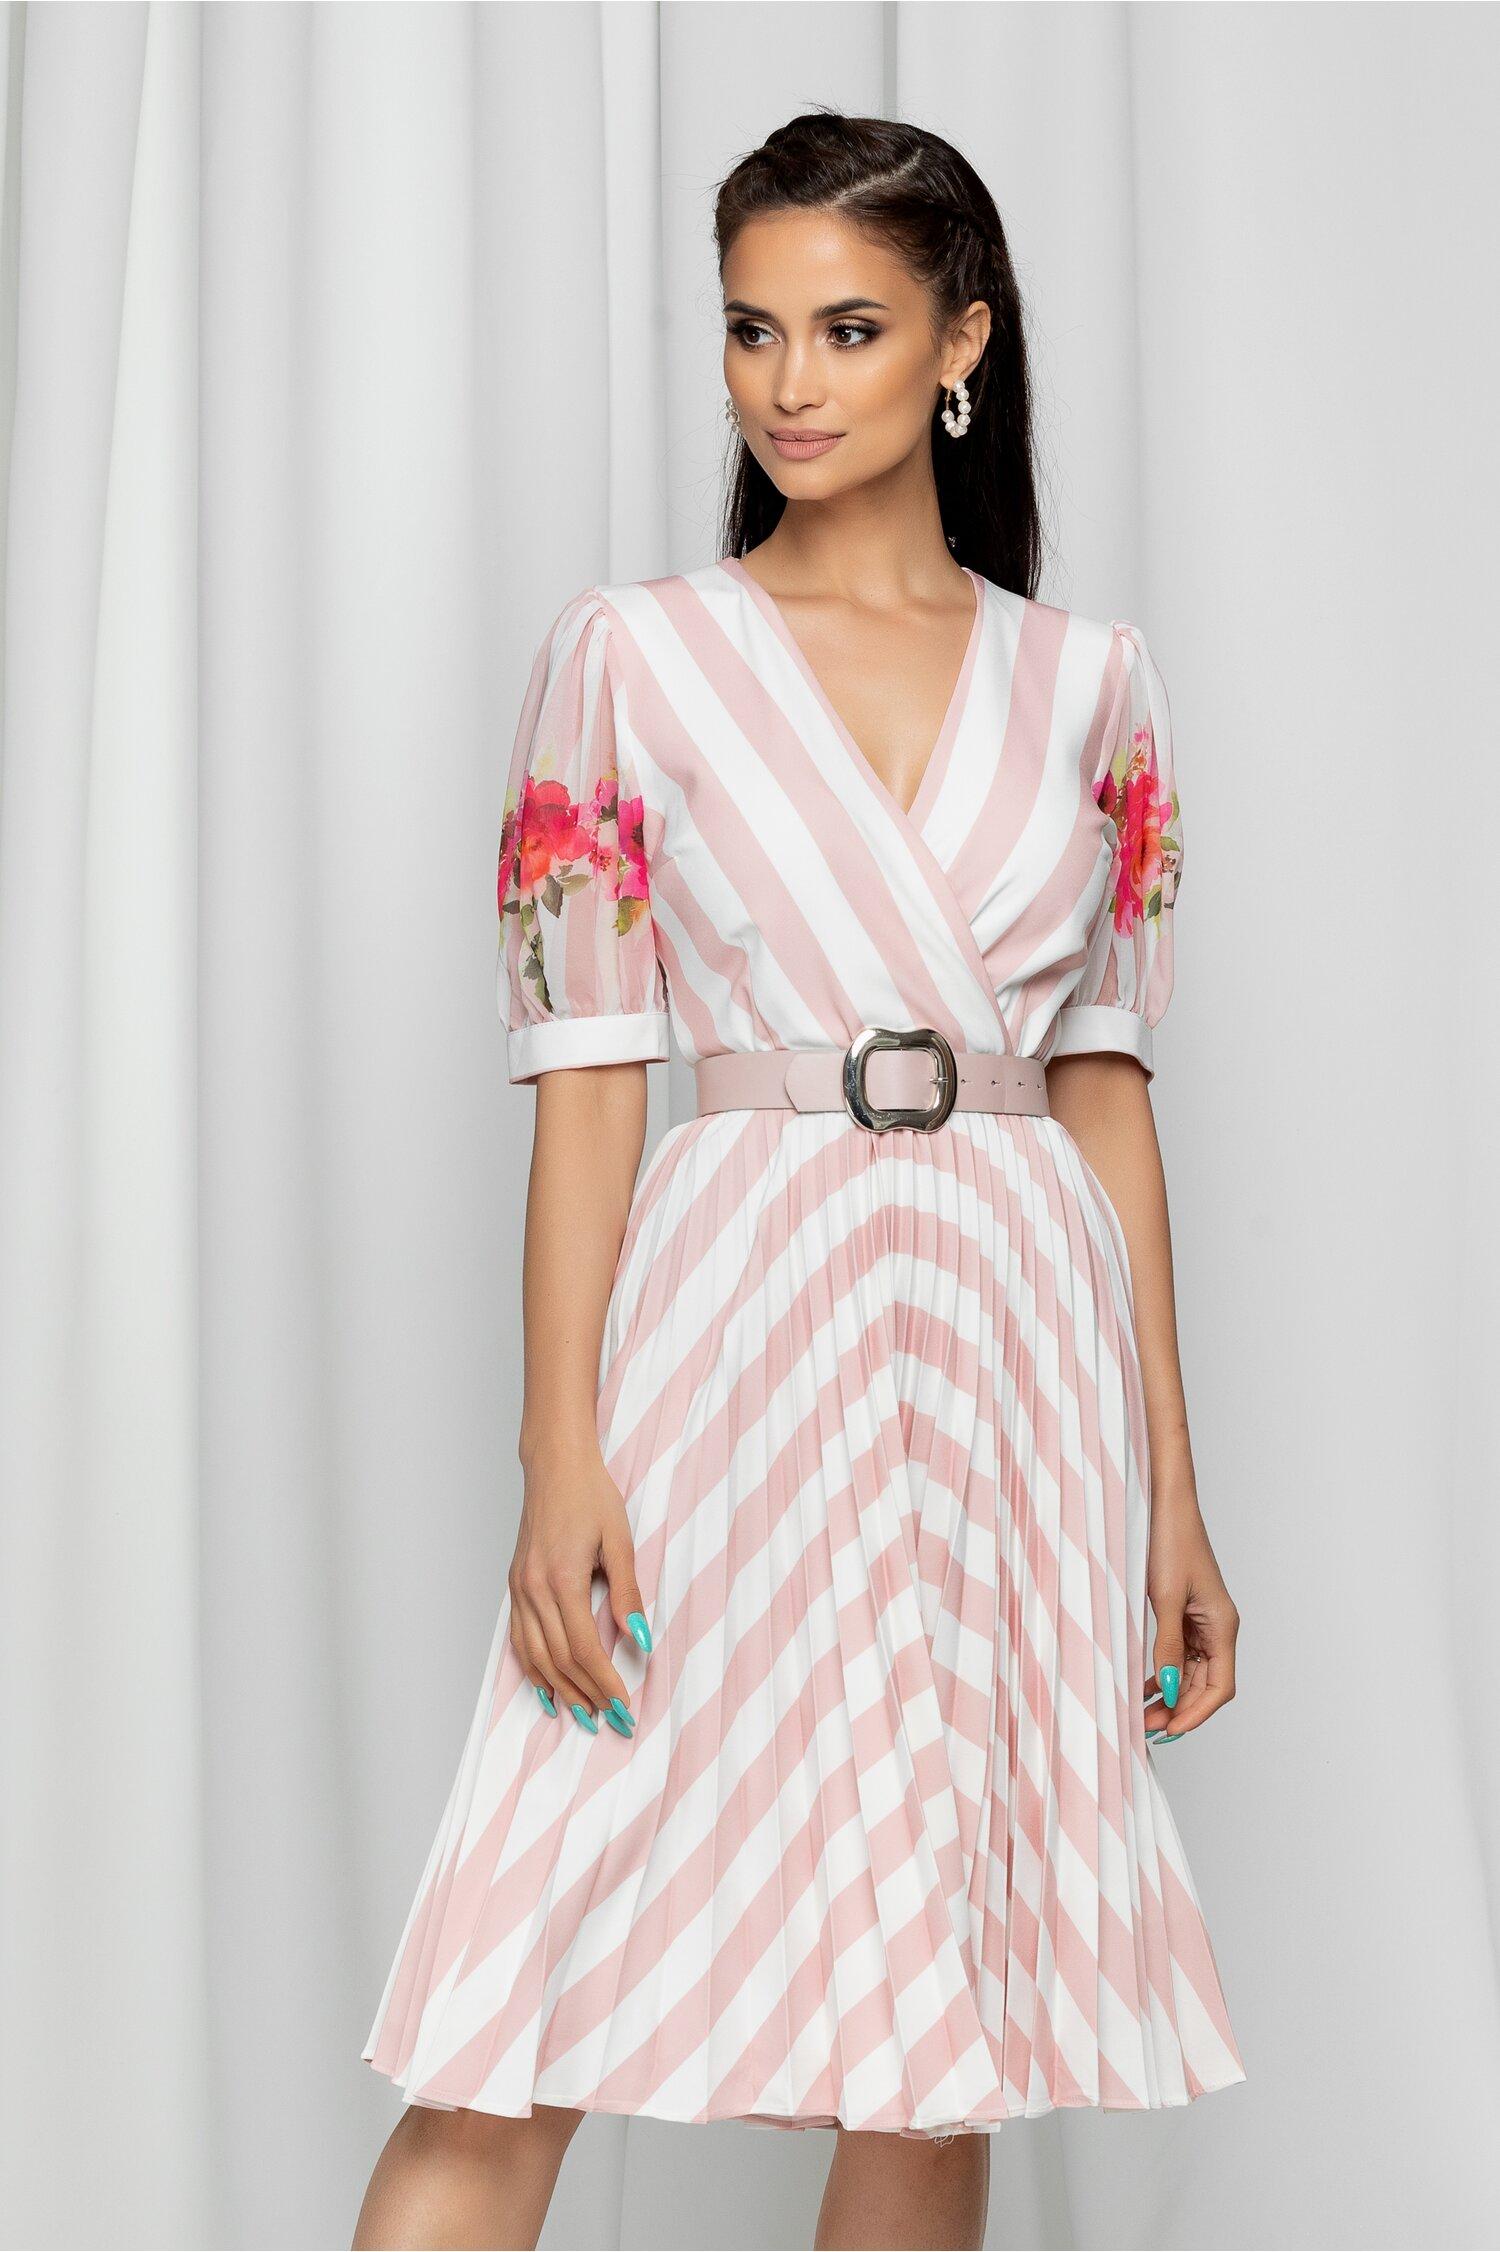 Rochie Isabela roz cu dungi albe si pliuri pe fusta